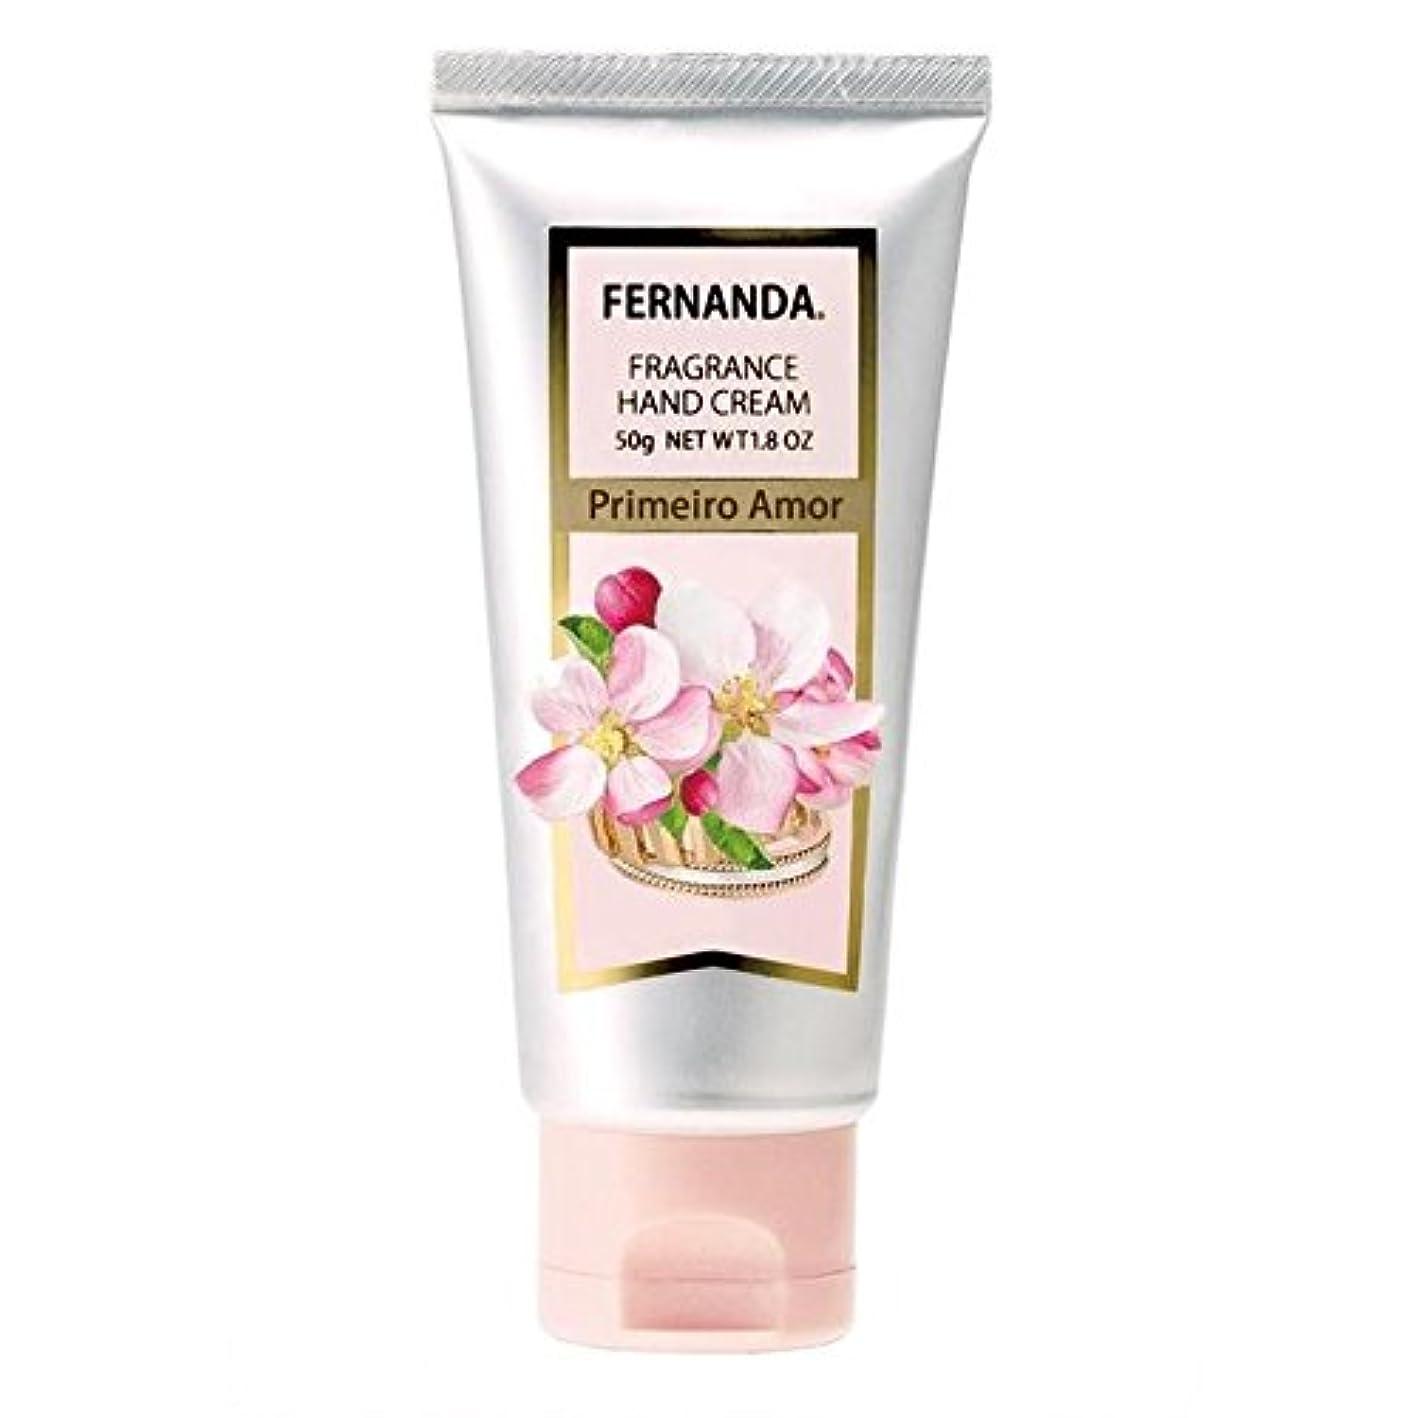 争う秀でるグレートオークFERNANDA(フェルナンダ) Hand Cream Primeiro Amor(ハンドクリーム プリメイロアモール)